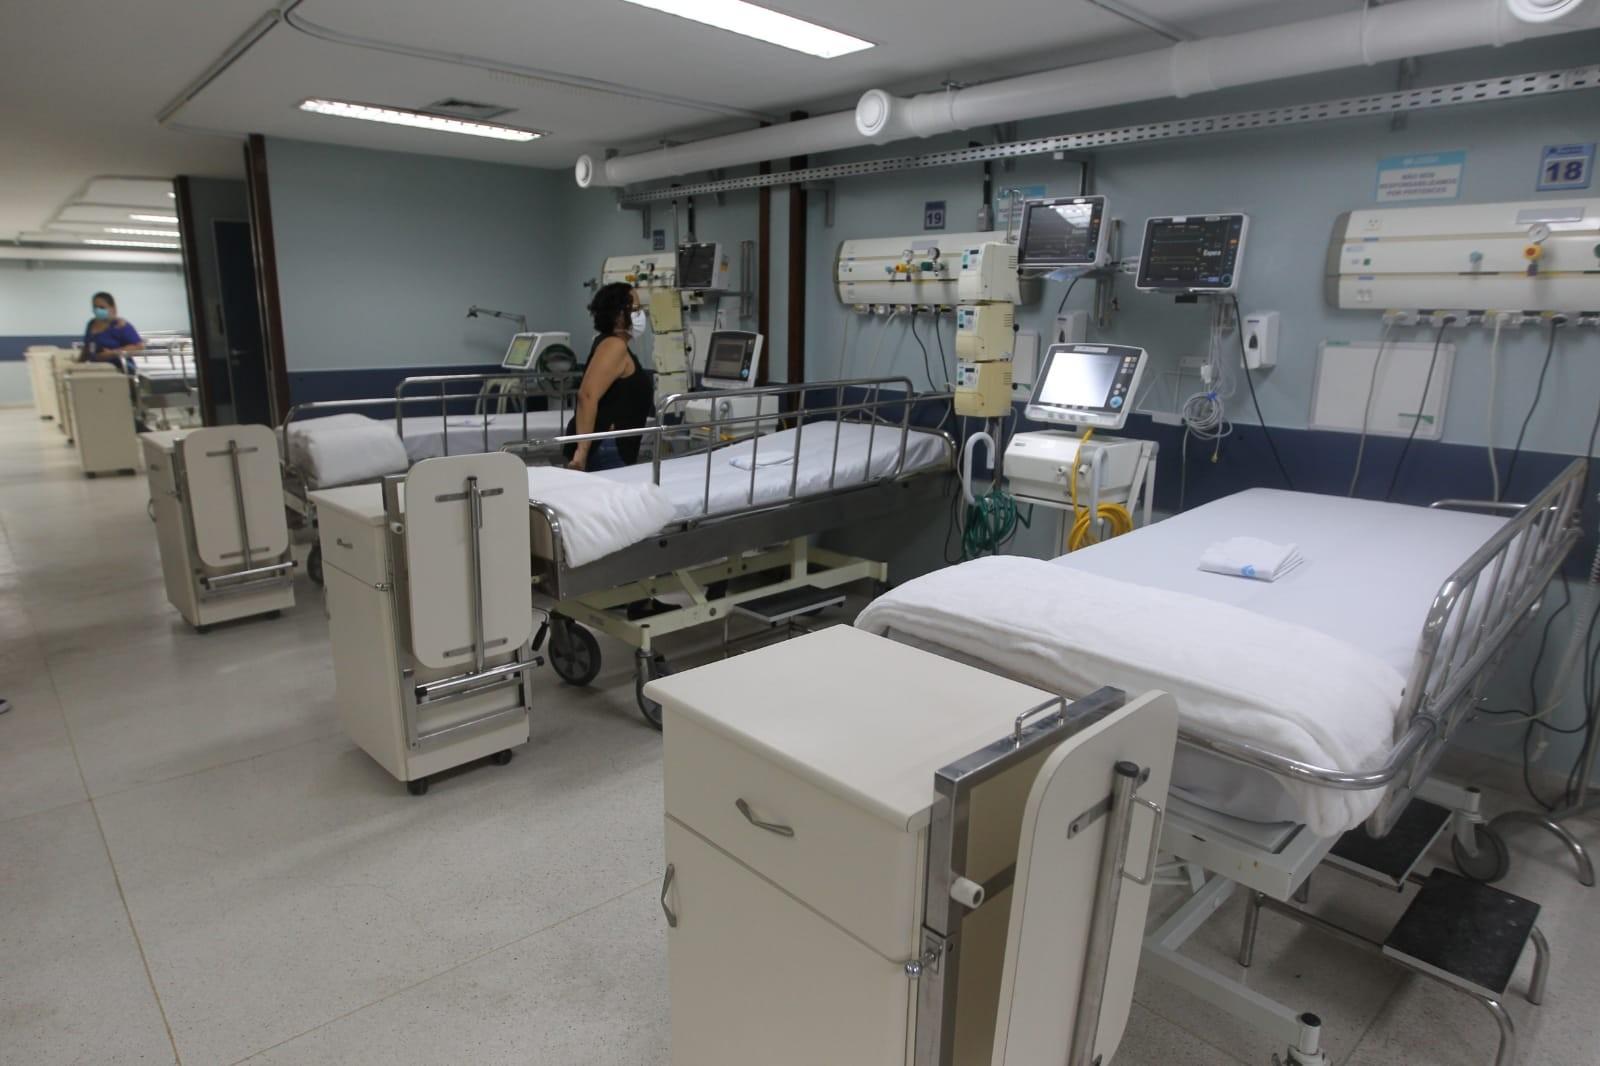 Secretário de Saúde relata baixa procura de médicos para vagas em UTIs na Bahia: 'Depois dizem que tem médicos sobrando'